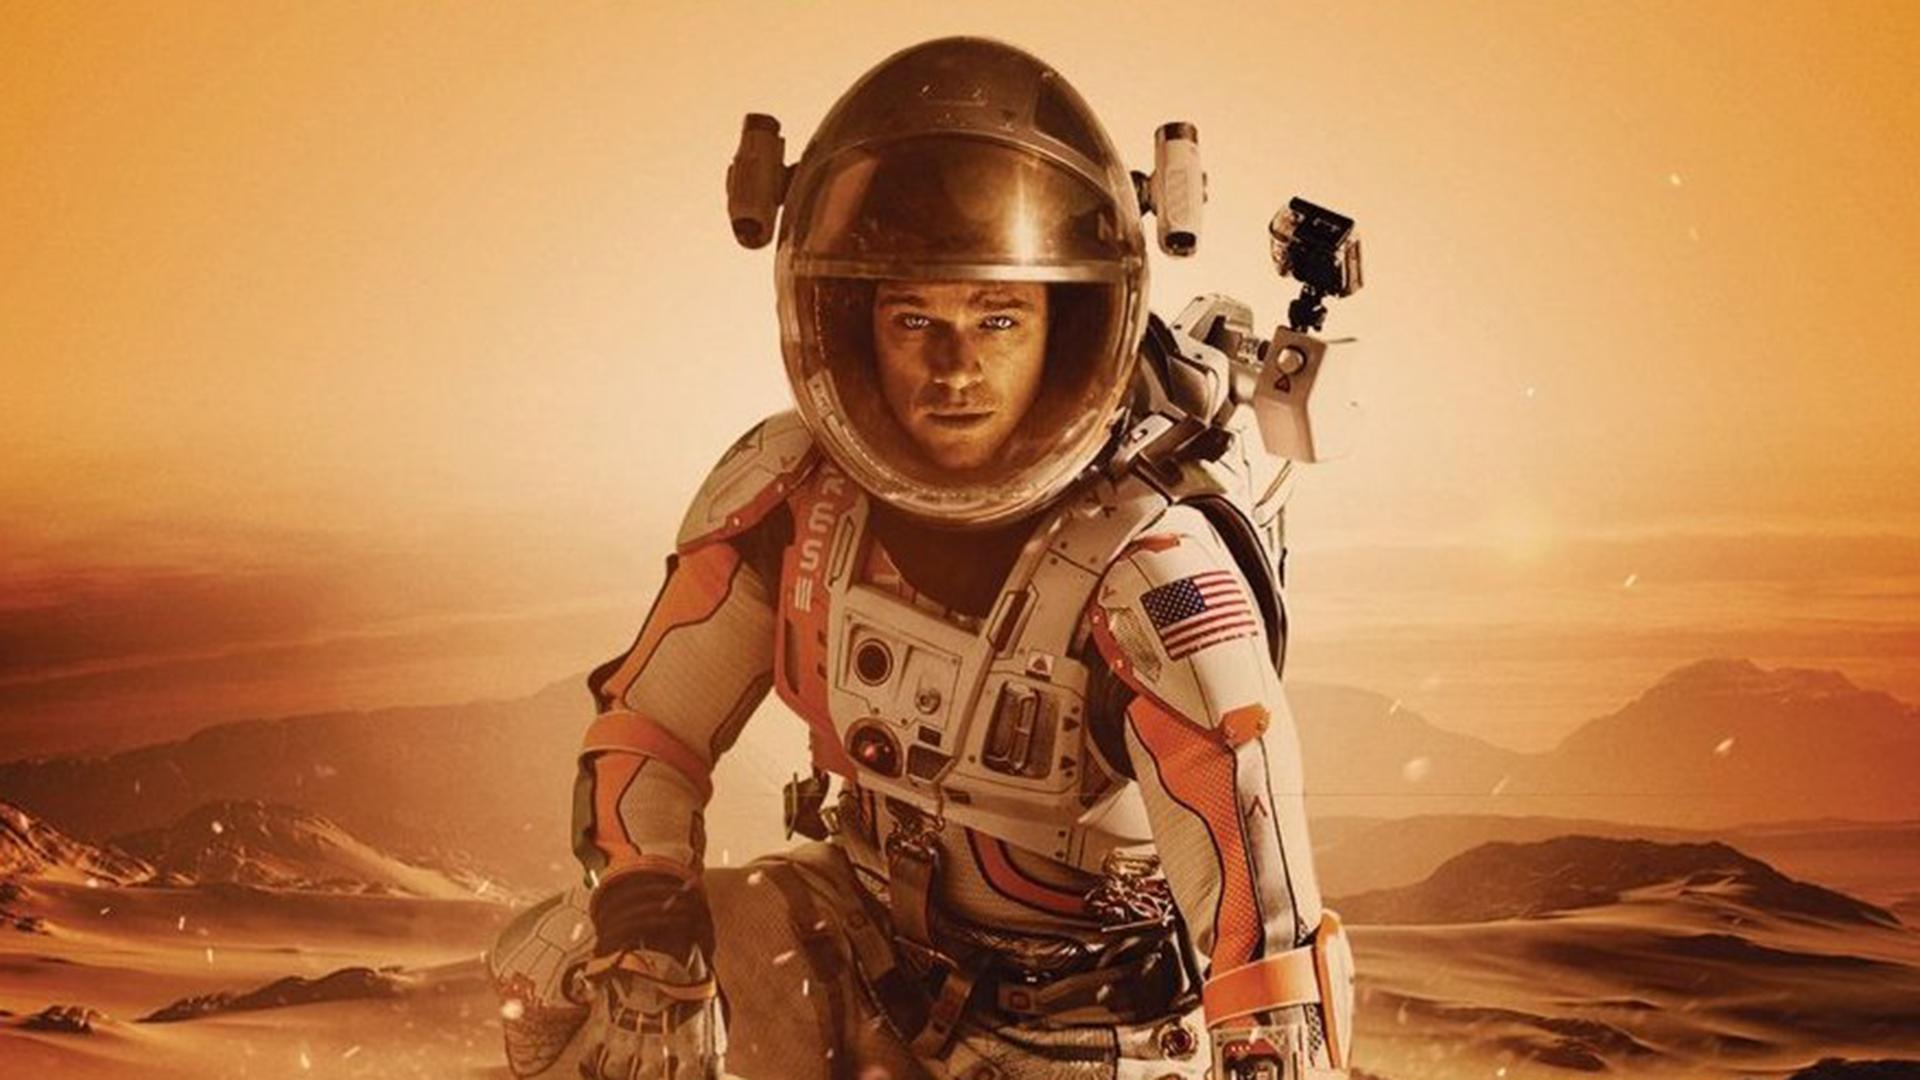 Итоги 2010-х: 10 лучших фантастических фильмов поверсии читателей МирФ 1